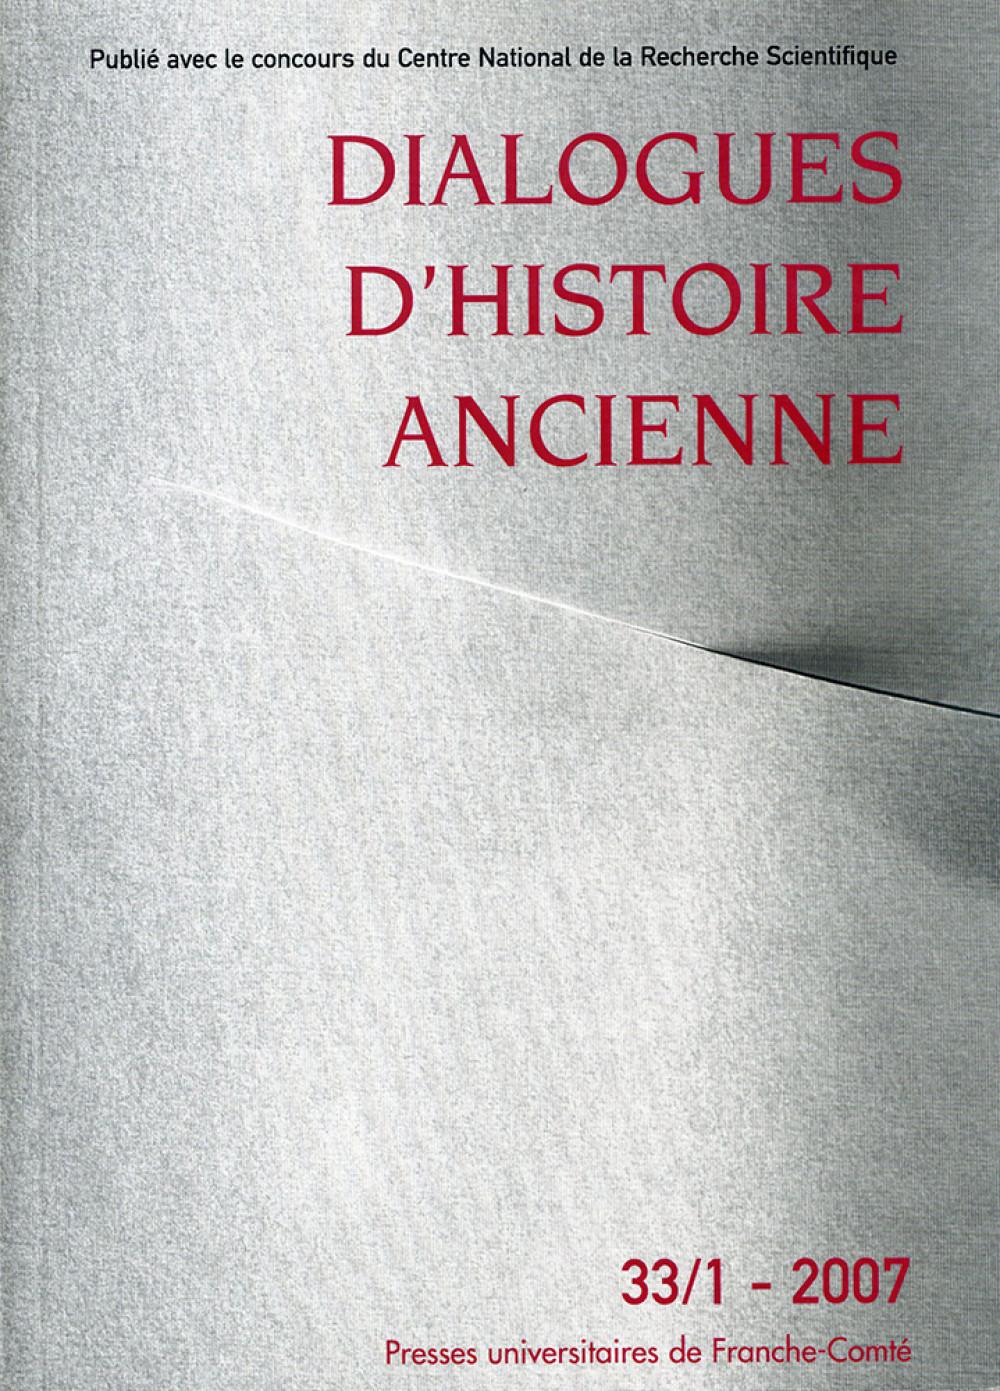 Dialogues d'Histoire Ancienne 33/1